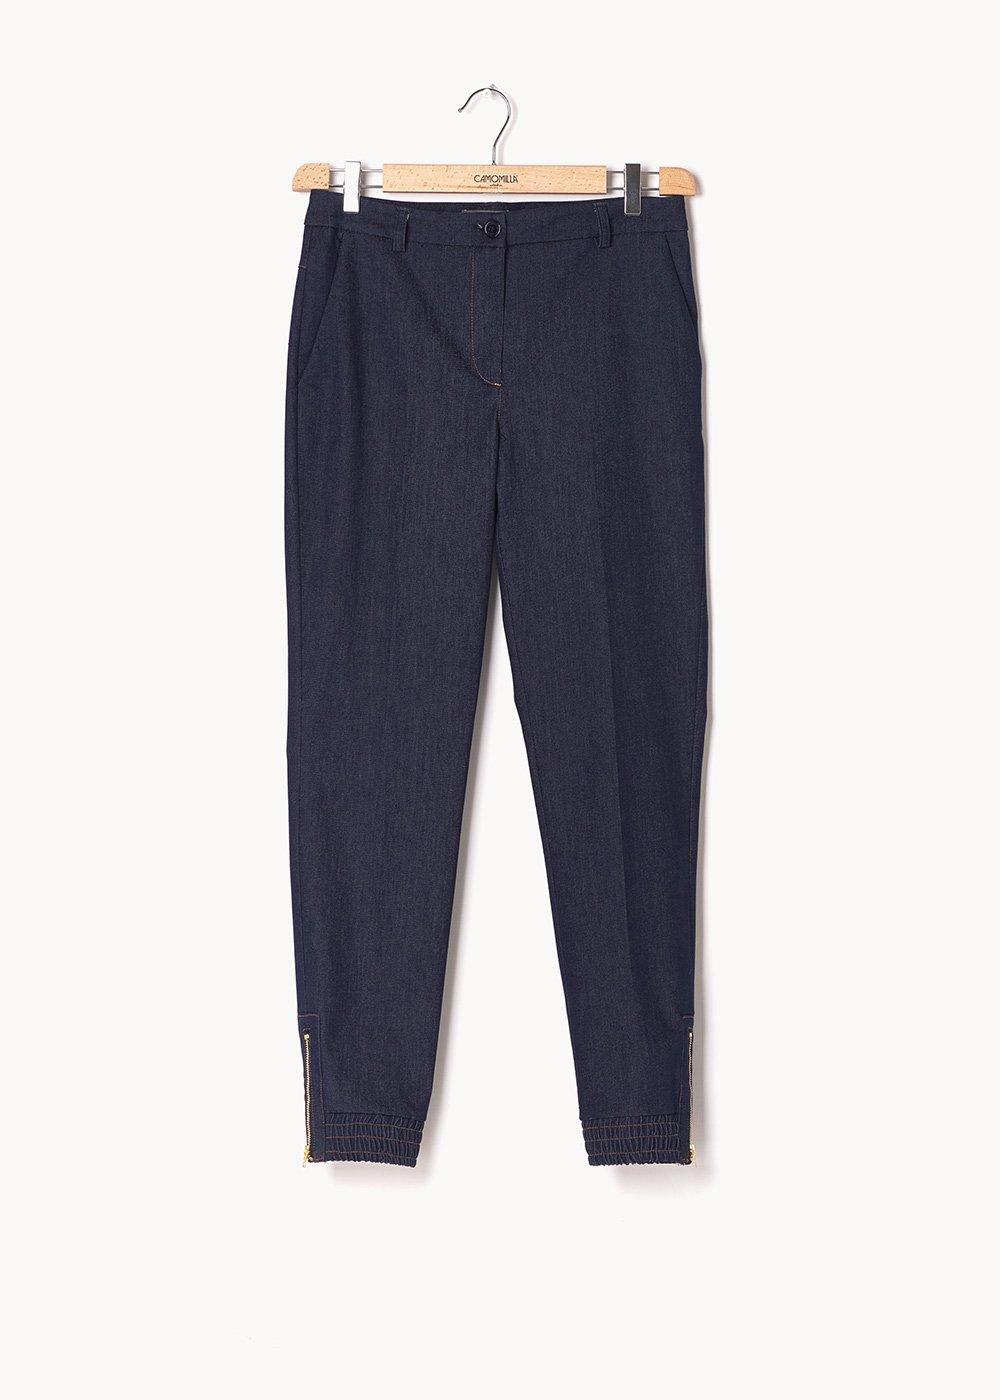 Pantalone modello Jane effetto denim - Dark Denim - Donna